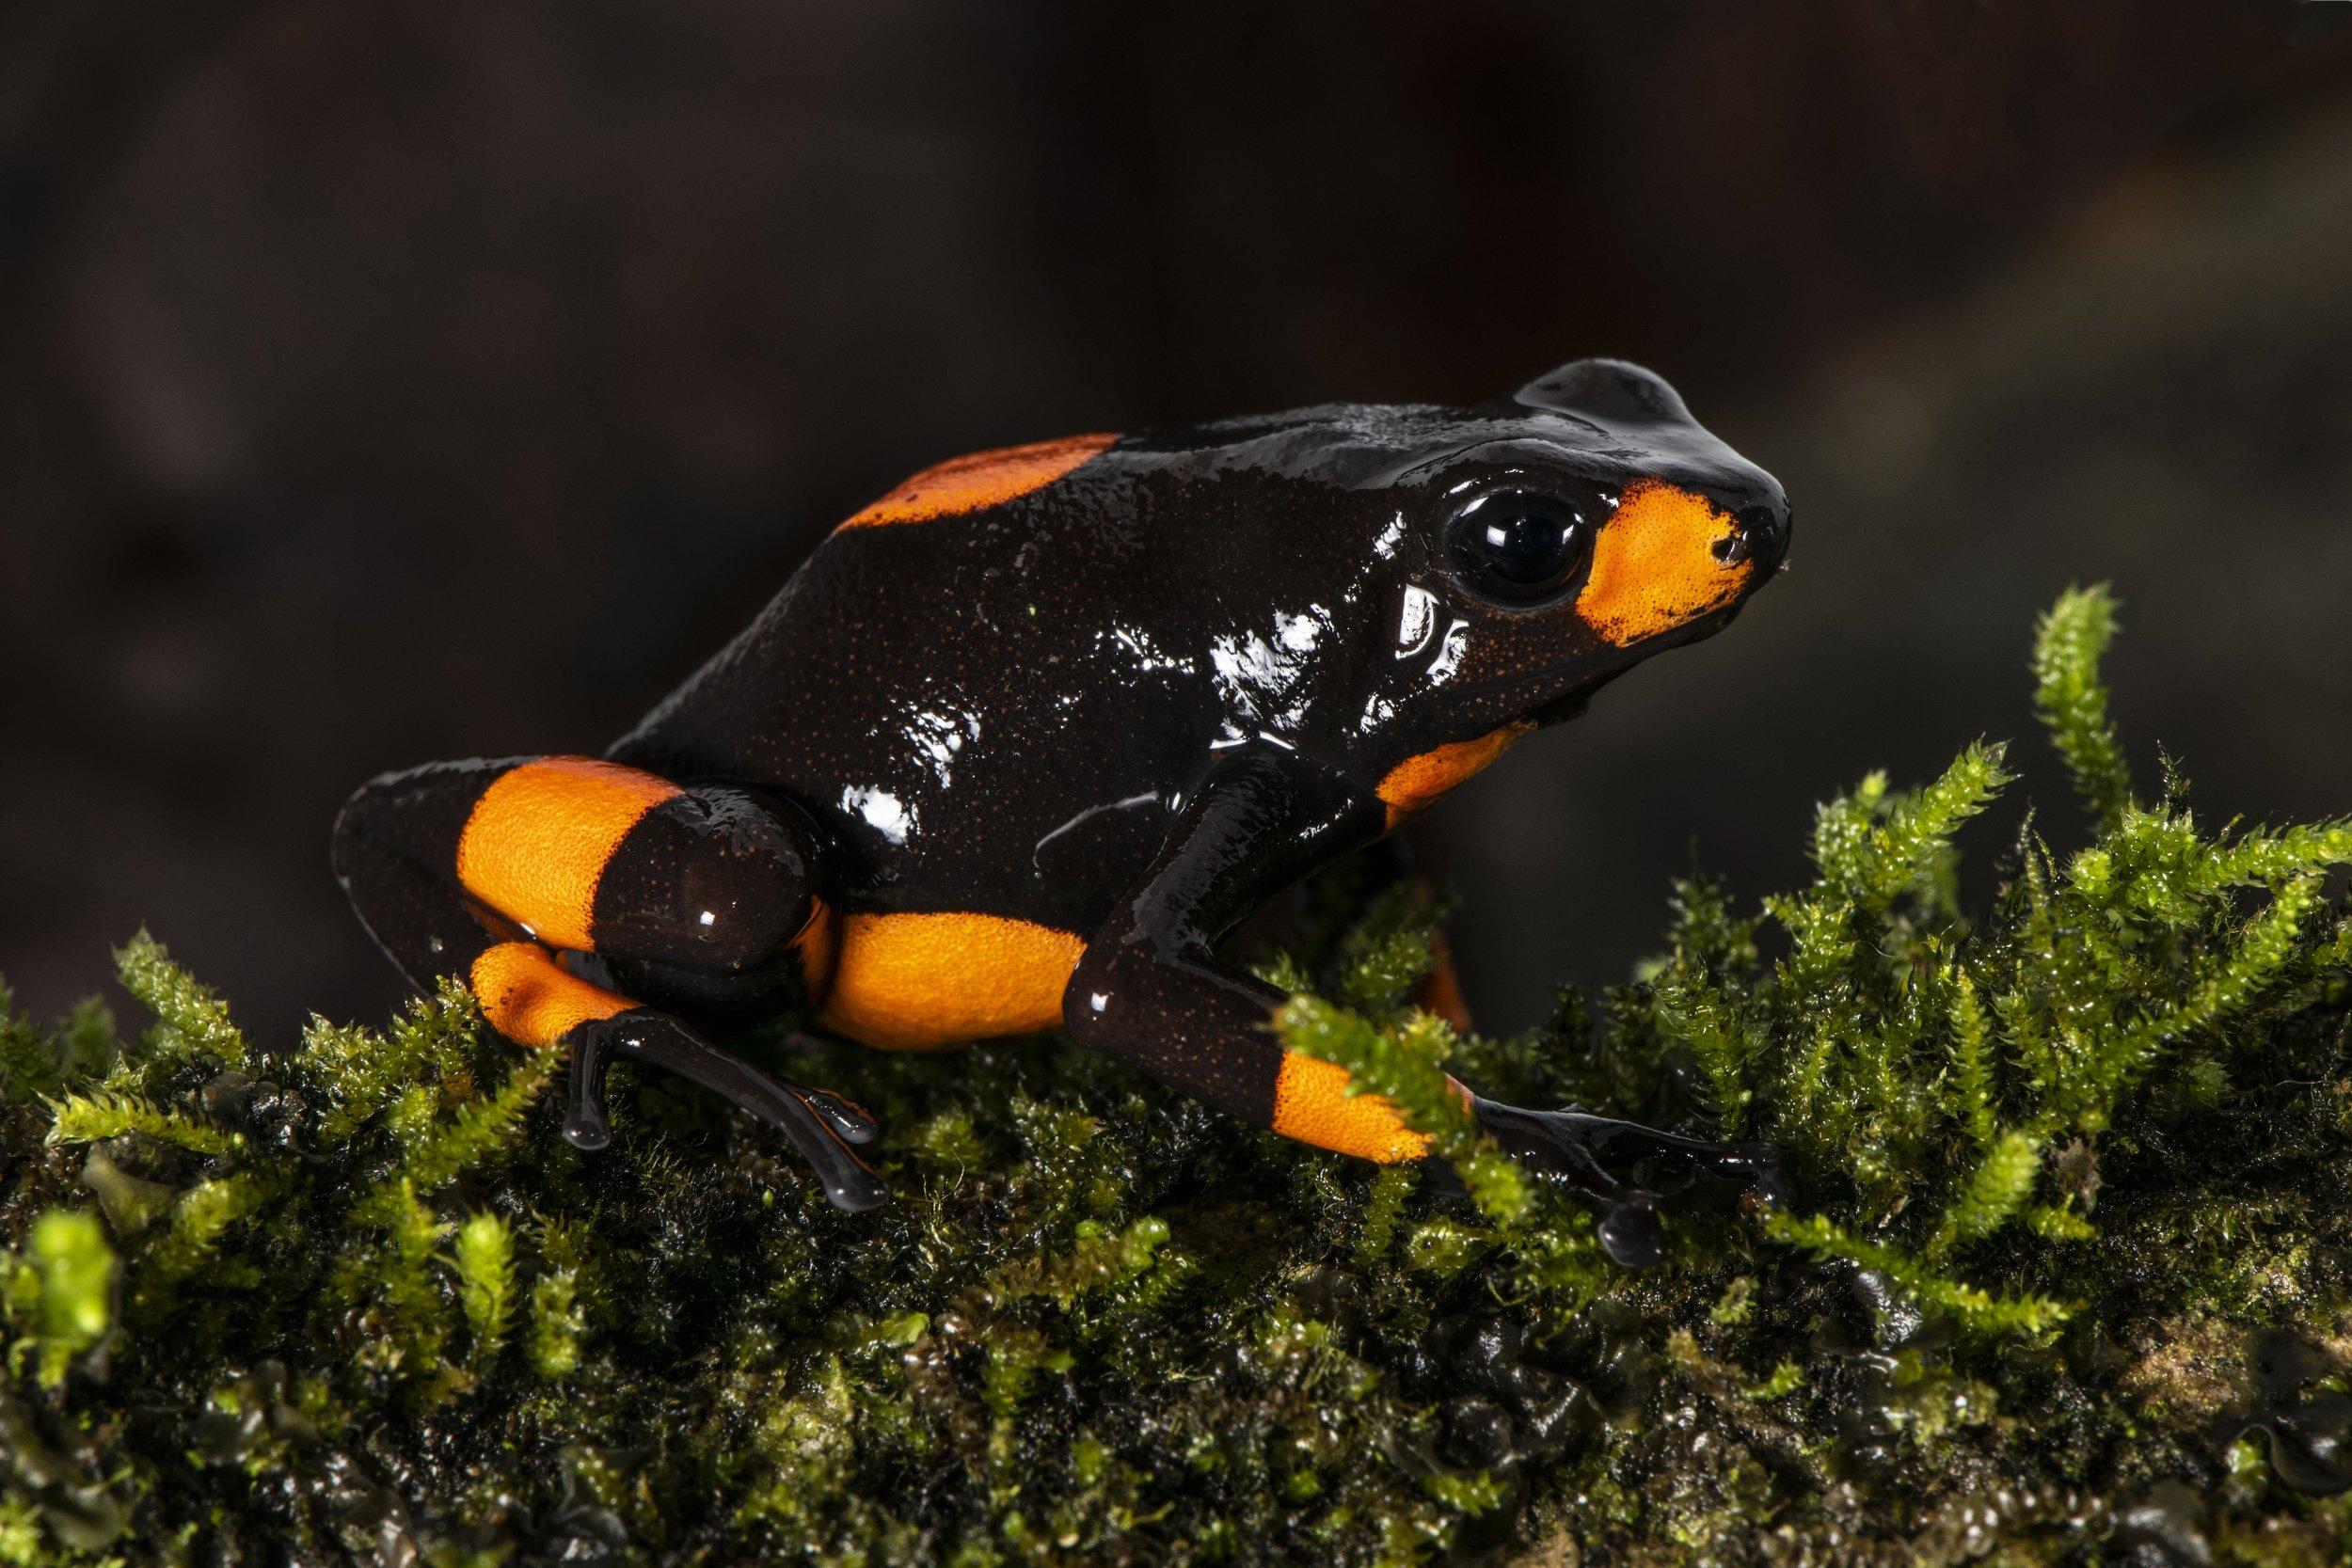 """Oophaga histrionica  """"Orange Saddle"""" form (Image: P. Rockstroh)."""